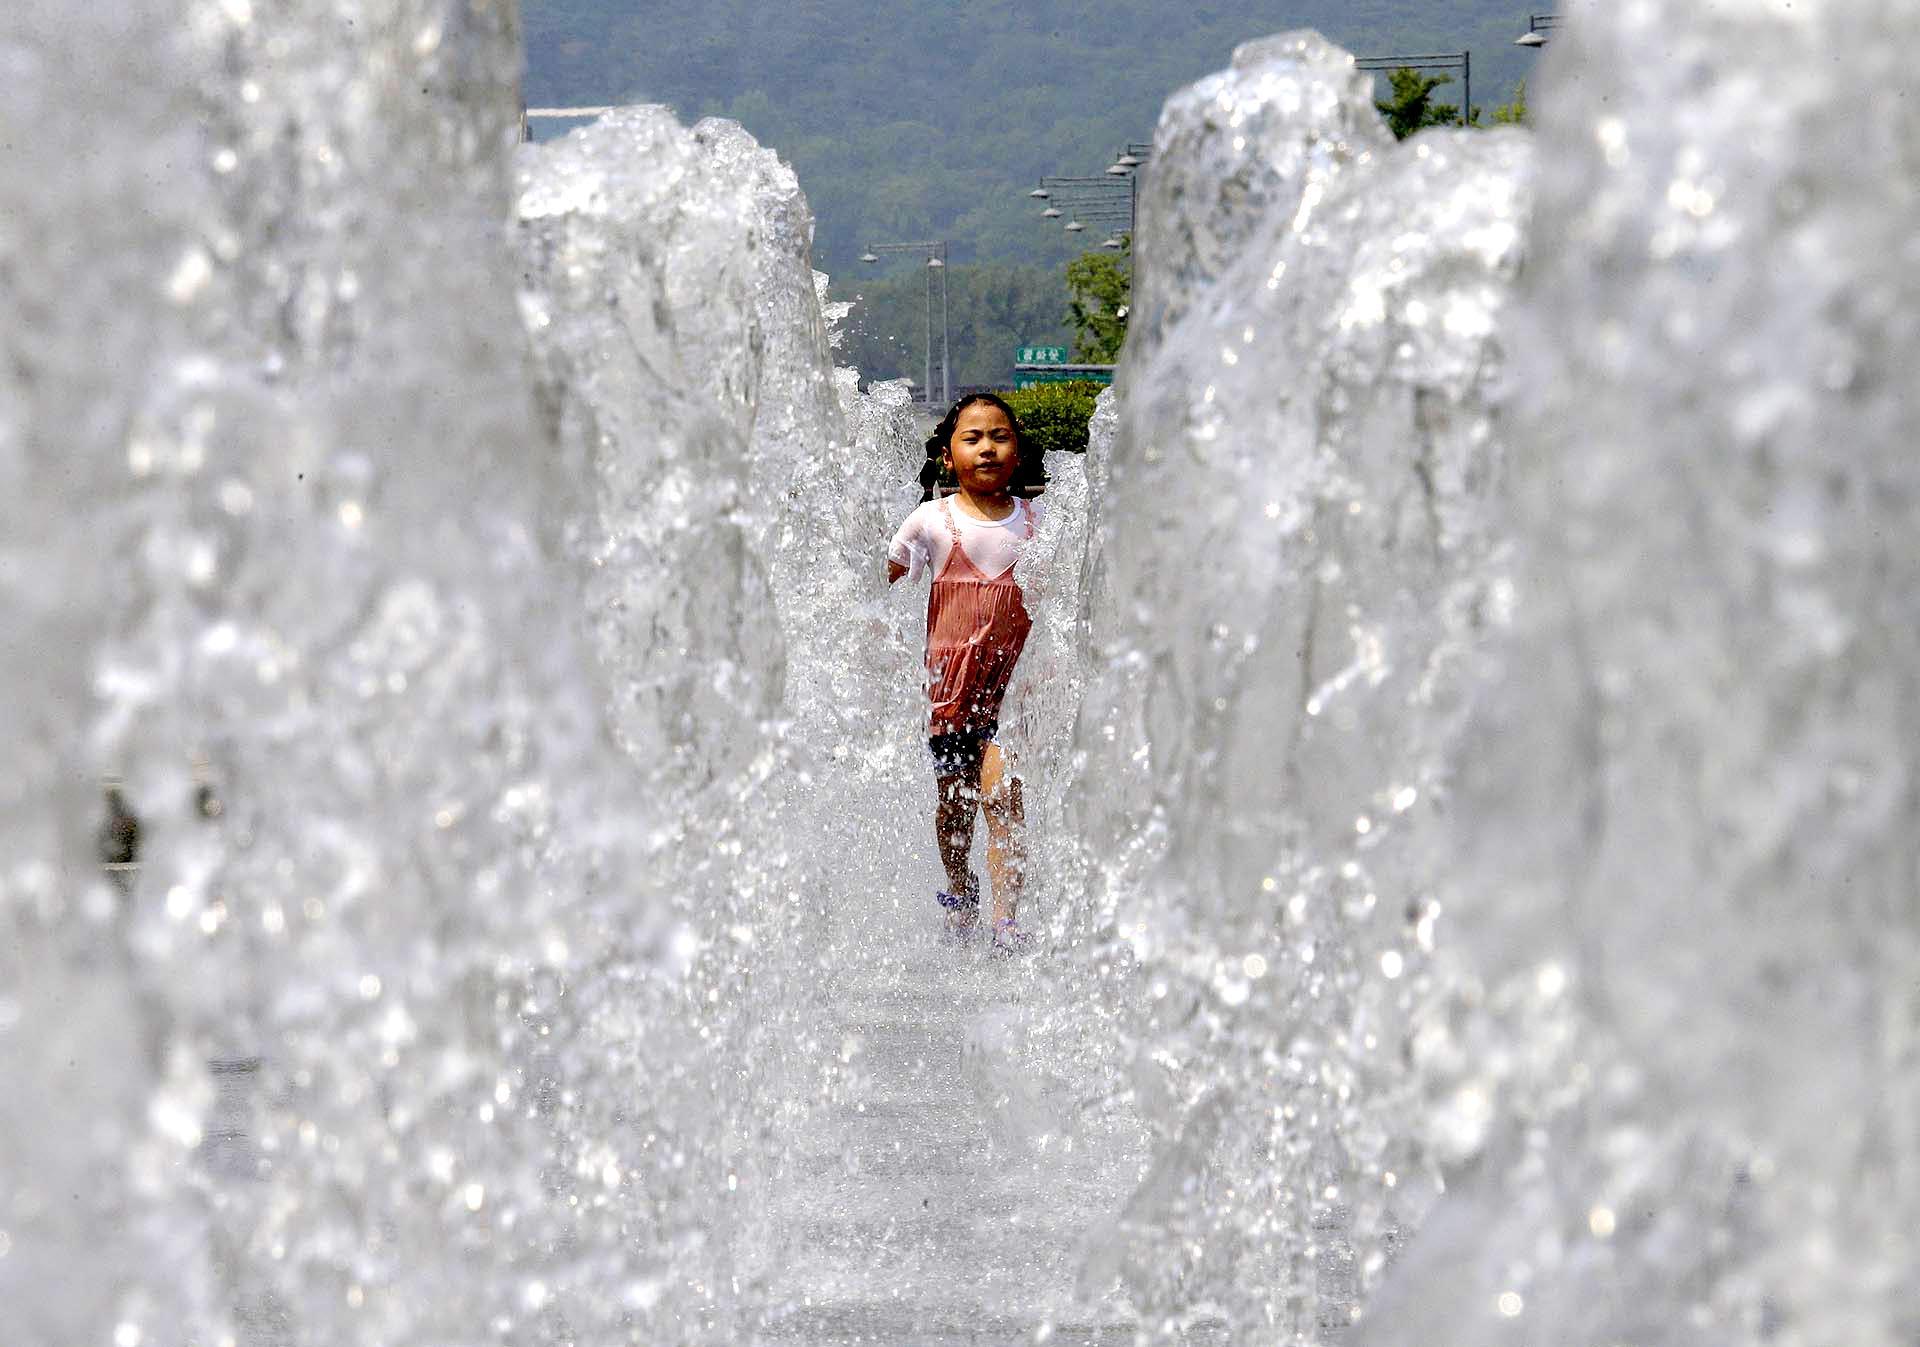 Una niña corre a través de una fuente de agua pública para refrescarse en Seúl, Corea del Sur